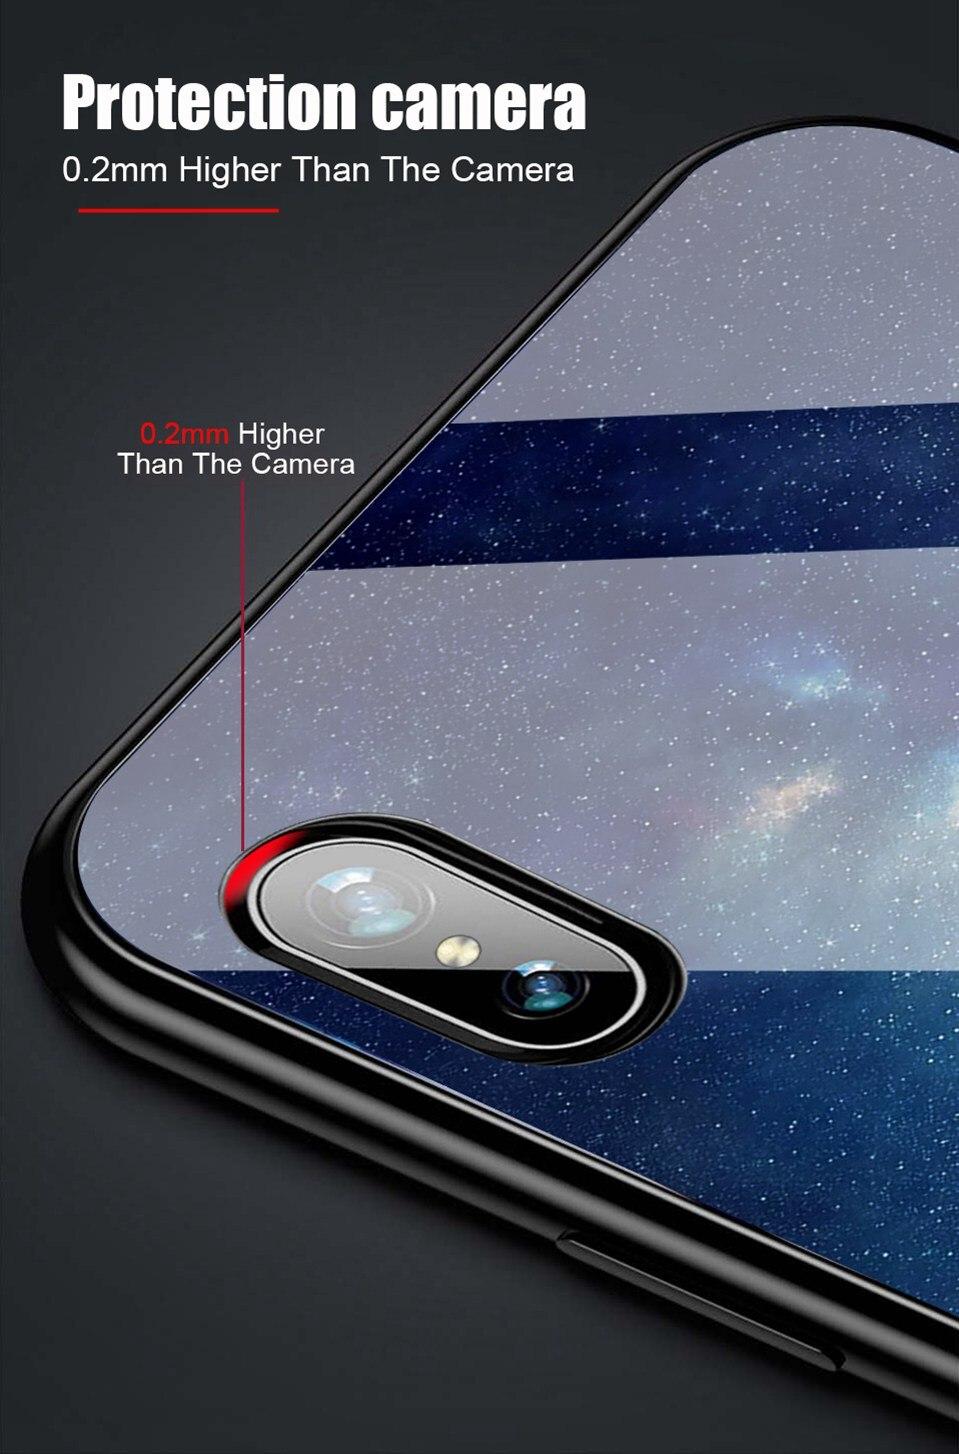 Tempered Glass Case For Xiaomi Redmi 6A Note 5 6 Pro Global 5 Plus 4X Cover Pattern Xiomi Phone Case for Xiaomi Mi A2 Lite A1 5X (7)